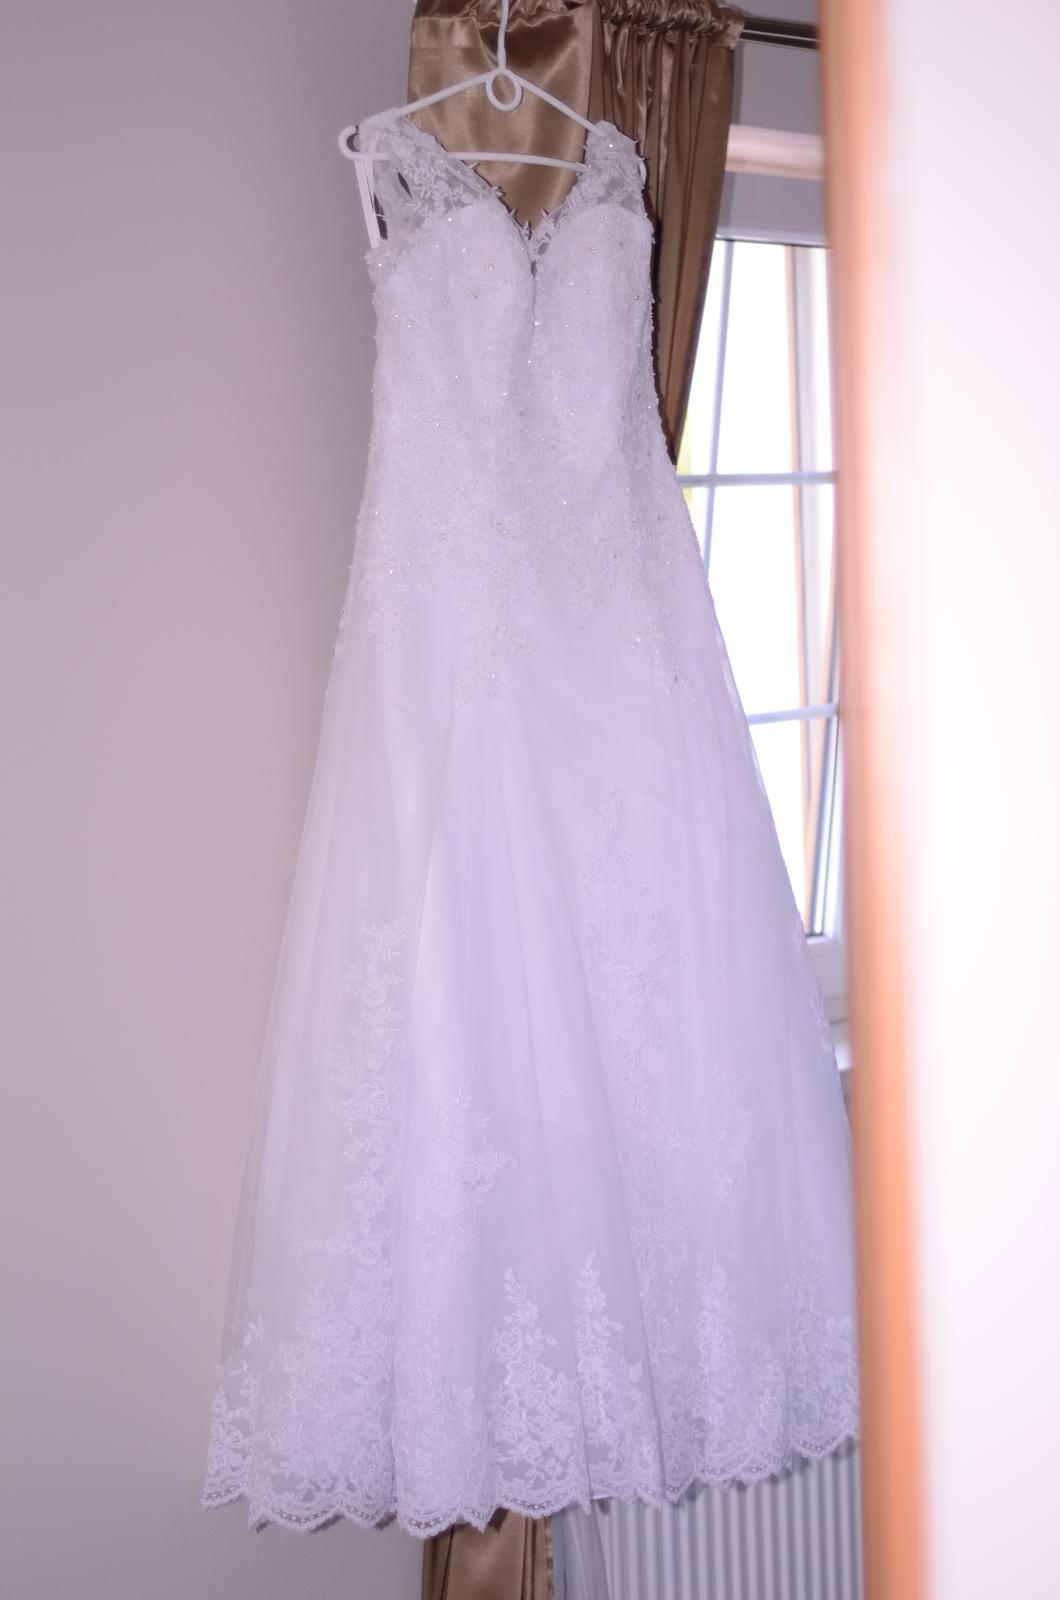 Svatební šaty vel. 40-44 - Obrázek č. 2